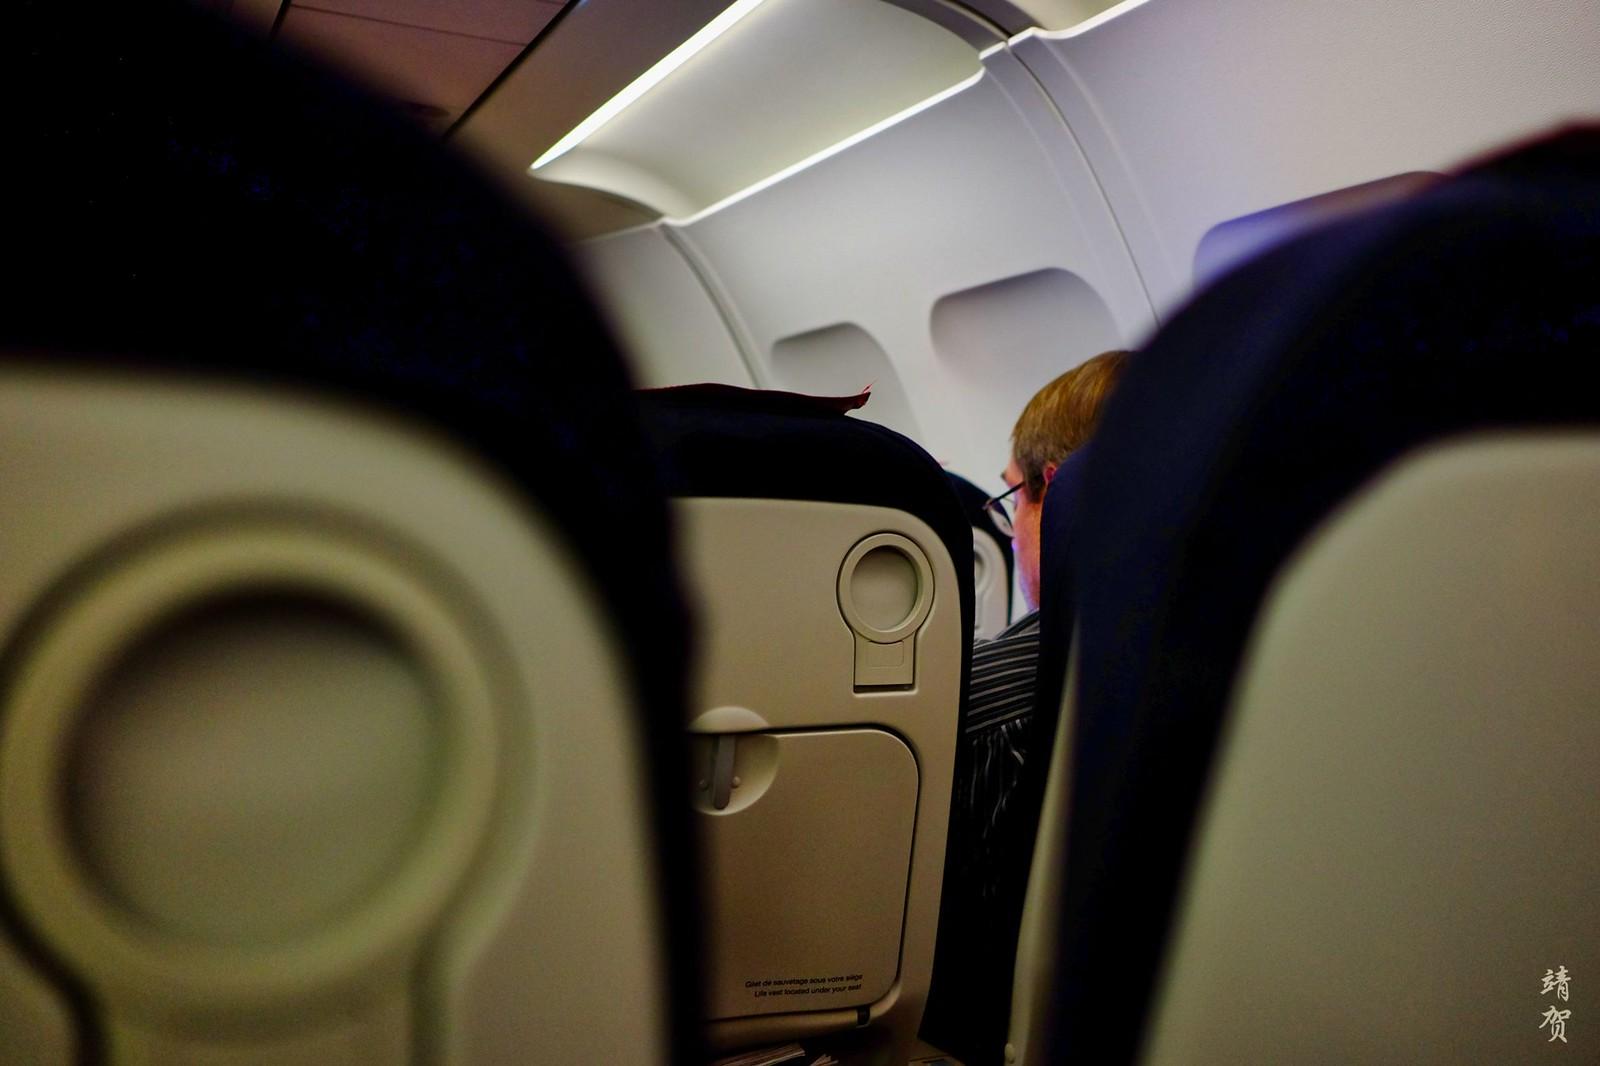 In between the seats